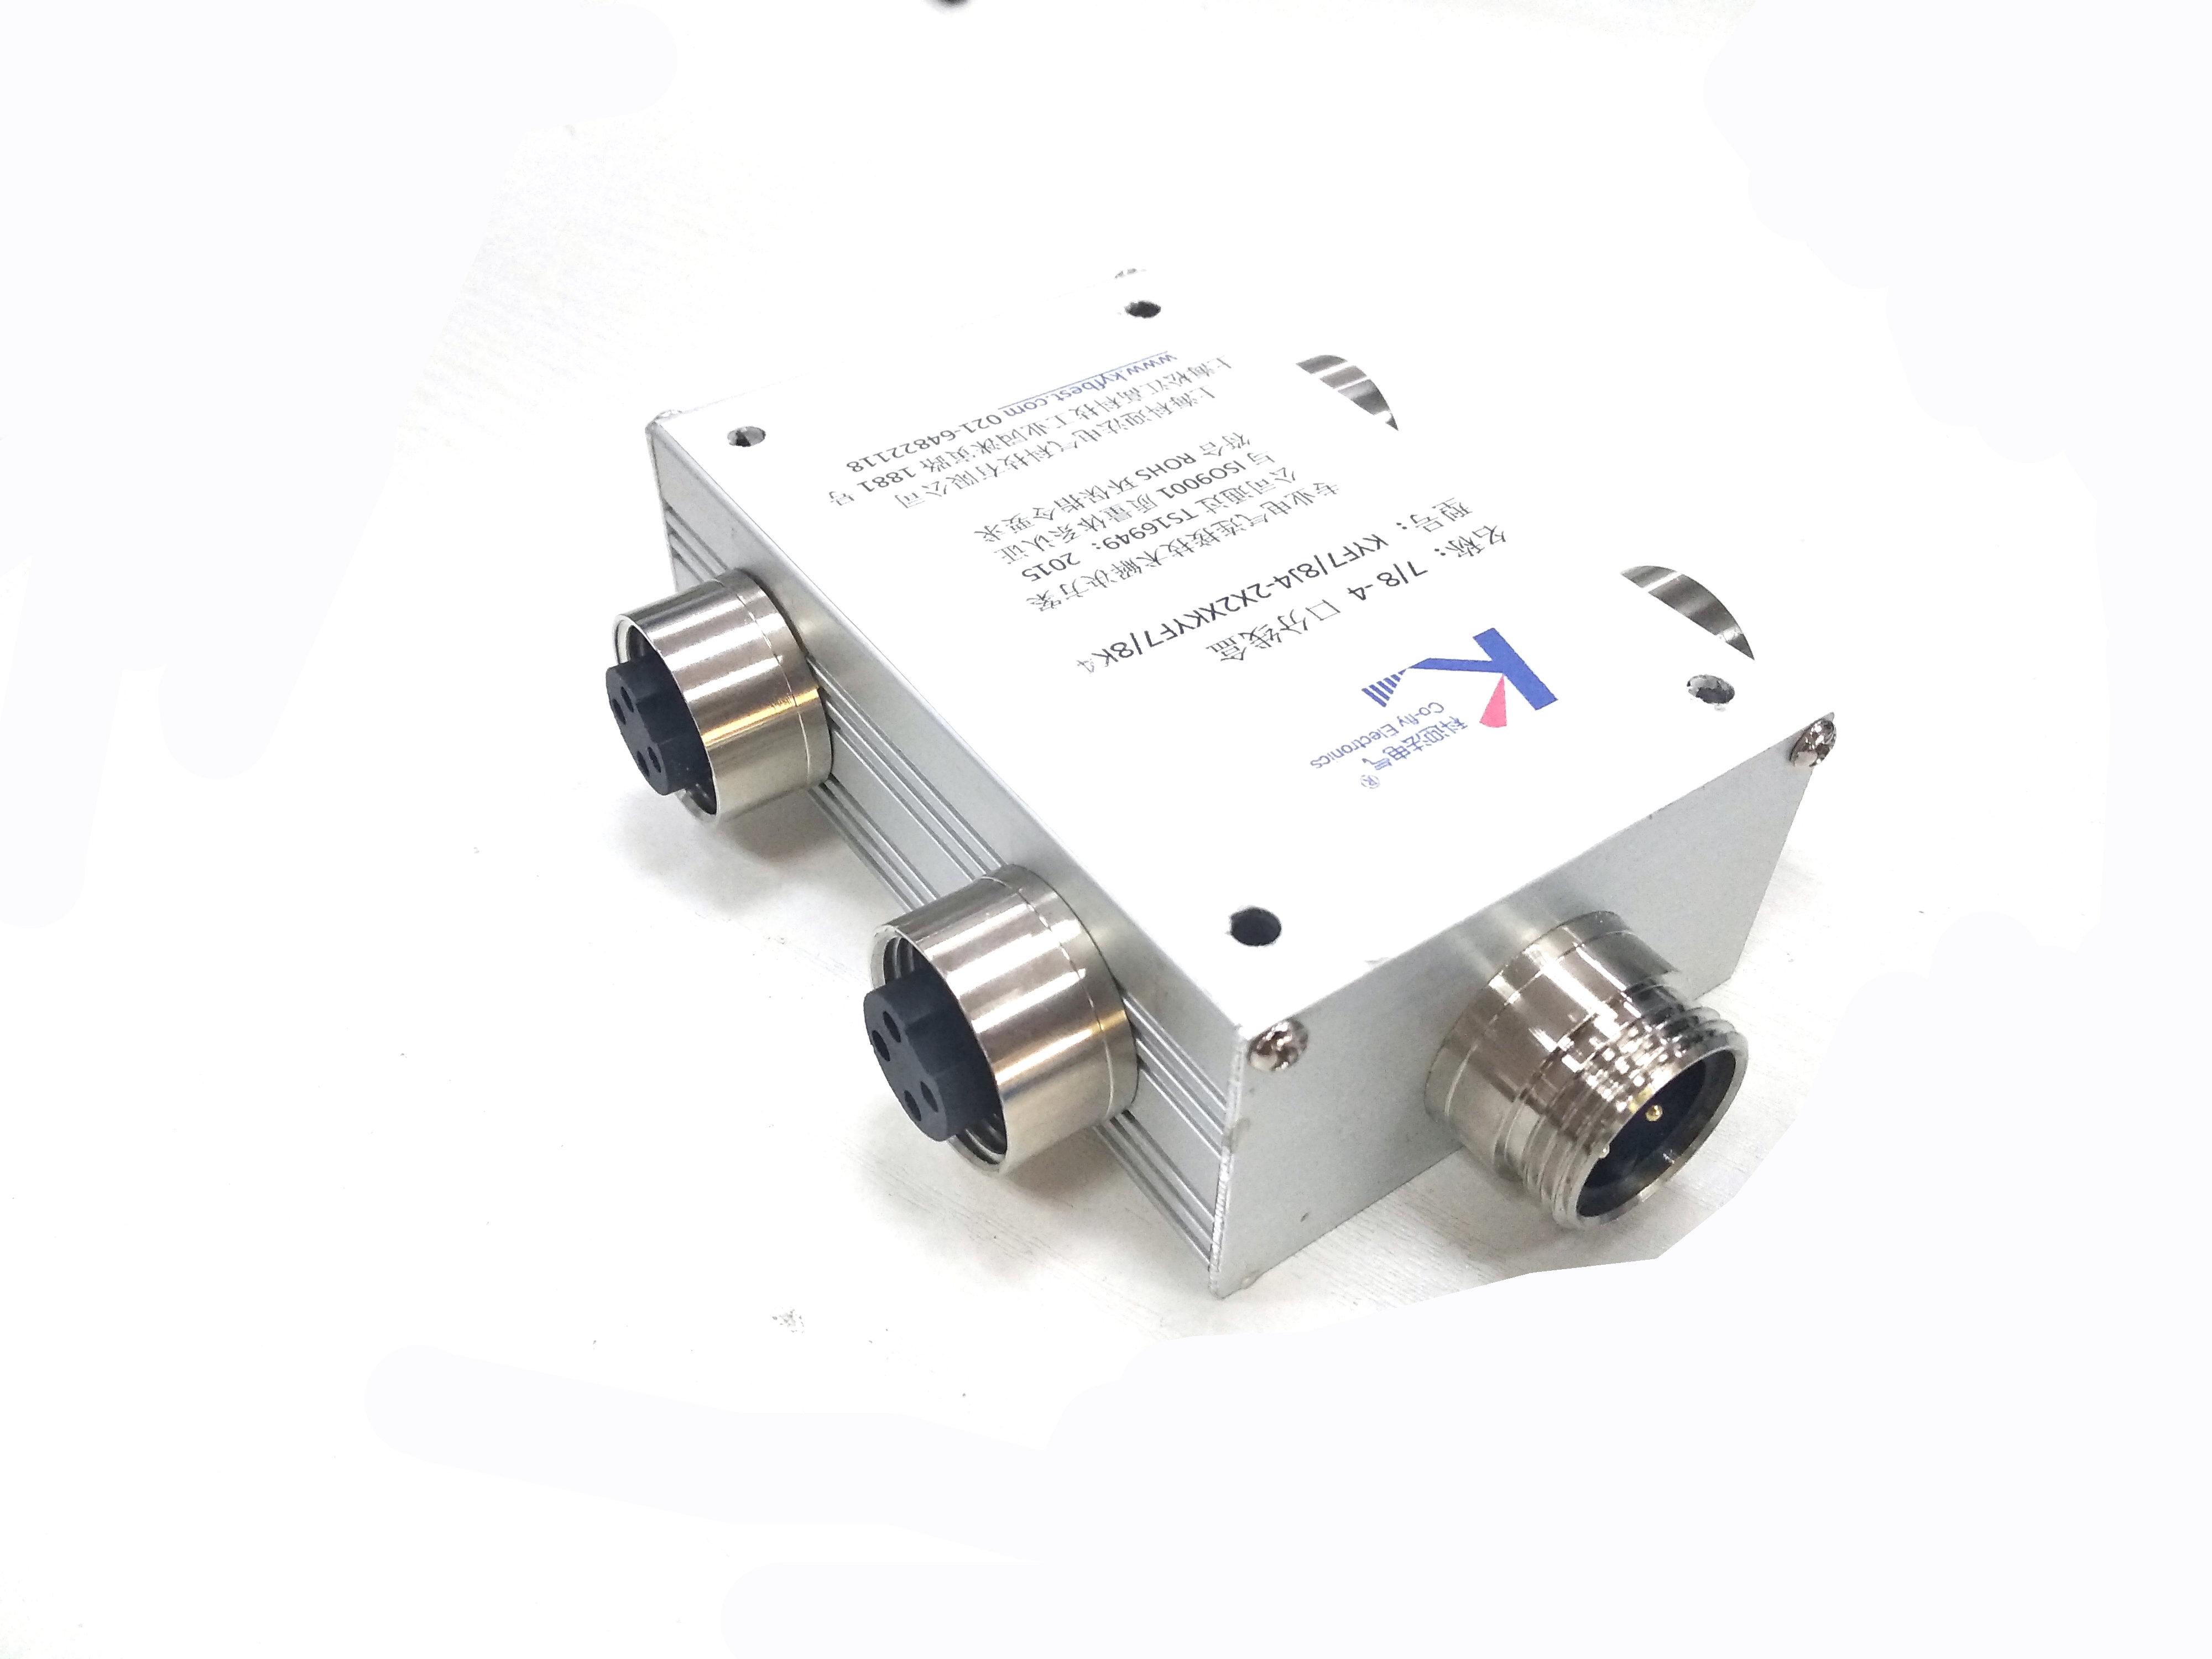 由于传导电流大,温度高是一定的,因此连接器的温度上升<50K是毫无疑问的,但实际上由于长期大电流的局部温度高,塑料级材料以端子为中轴线形成温度高的内腔区域,塑料材料的热传导系数小,与金属相比,金属的1/500~1/600左右,因此连接器的内腔长期温度高,会产生一些问题风险